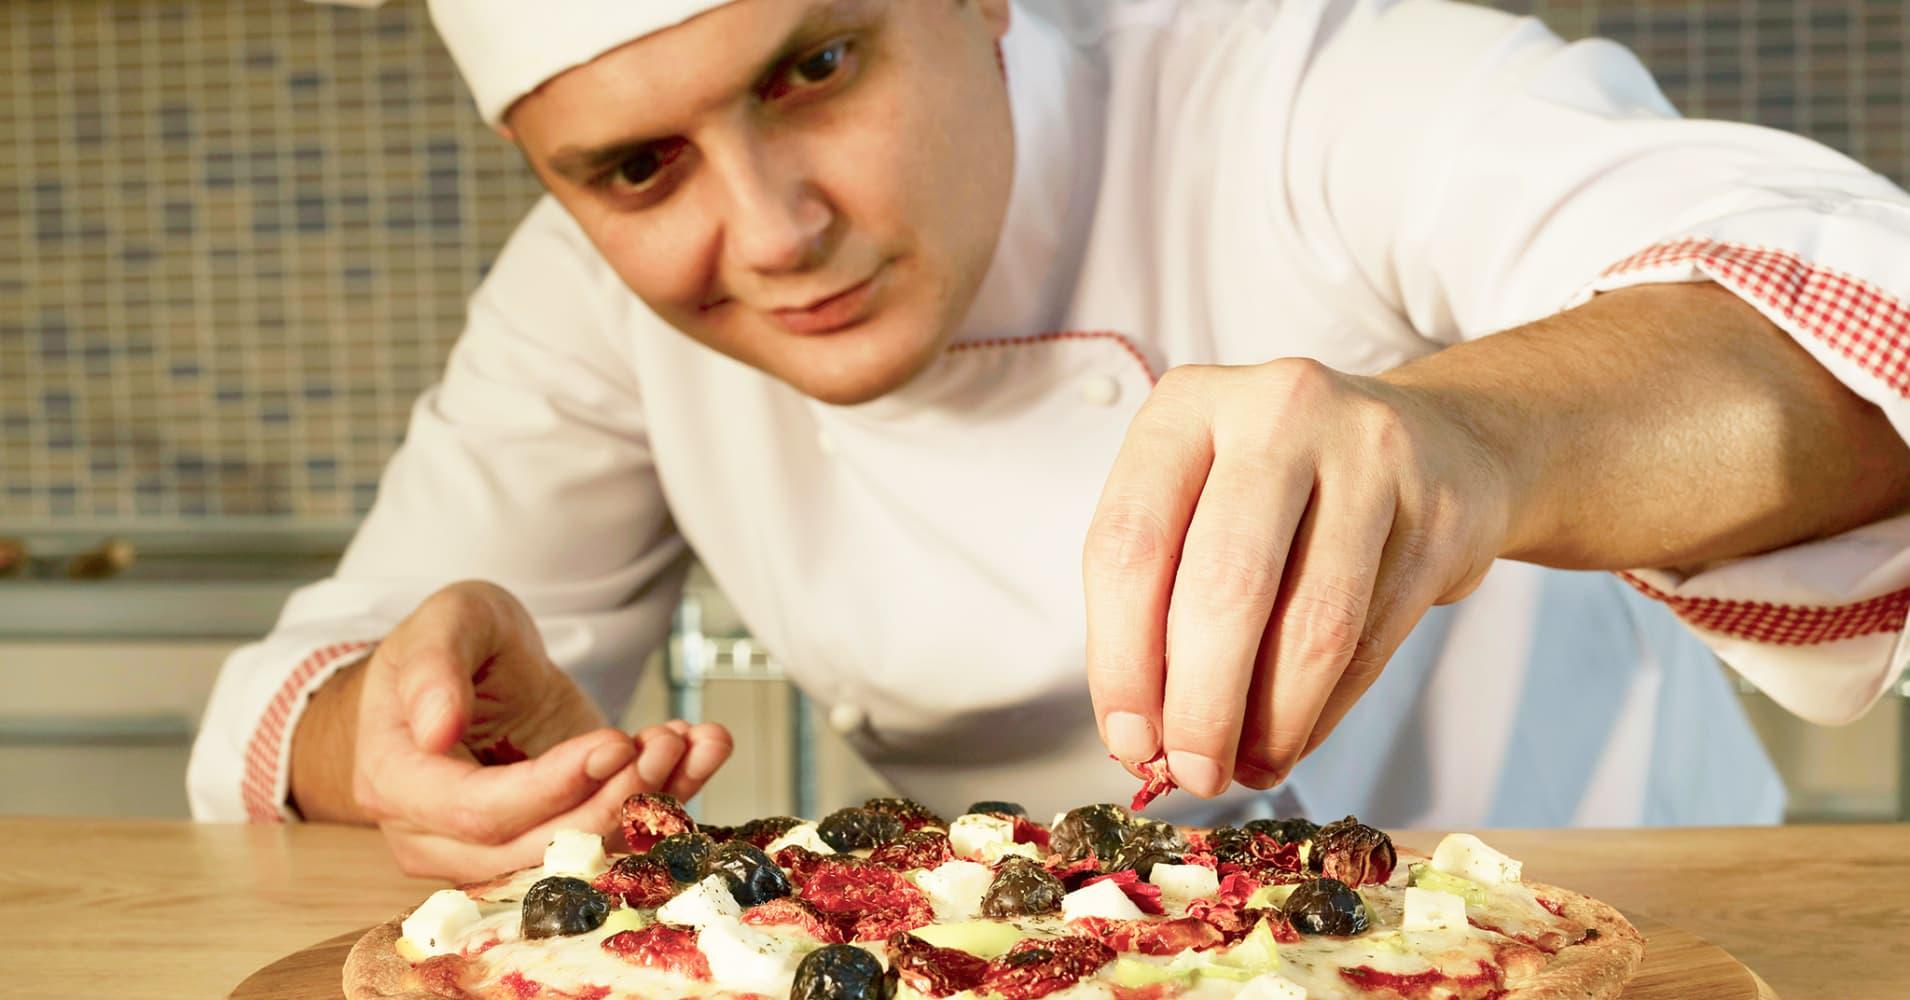 Image result for pizza maker